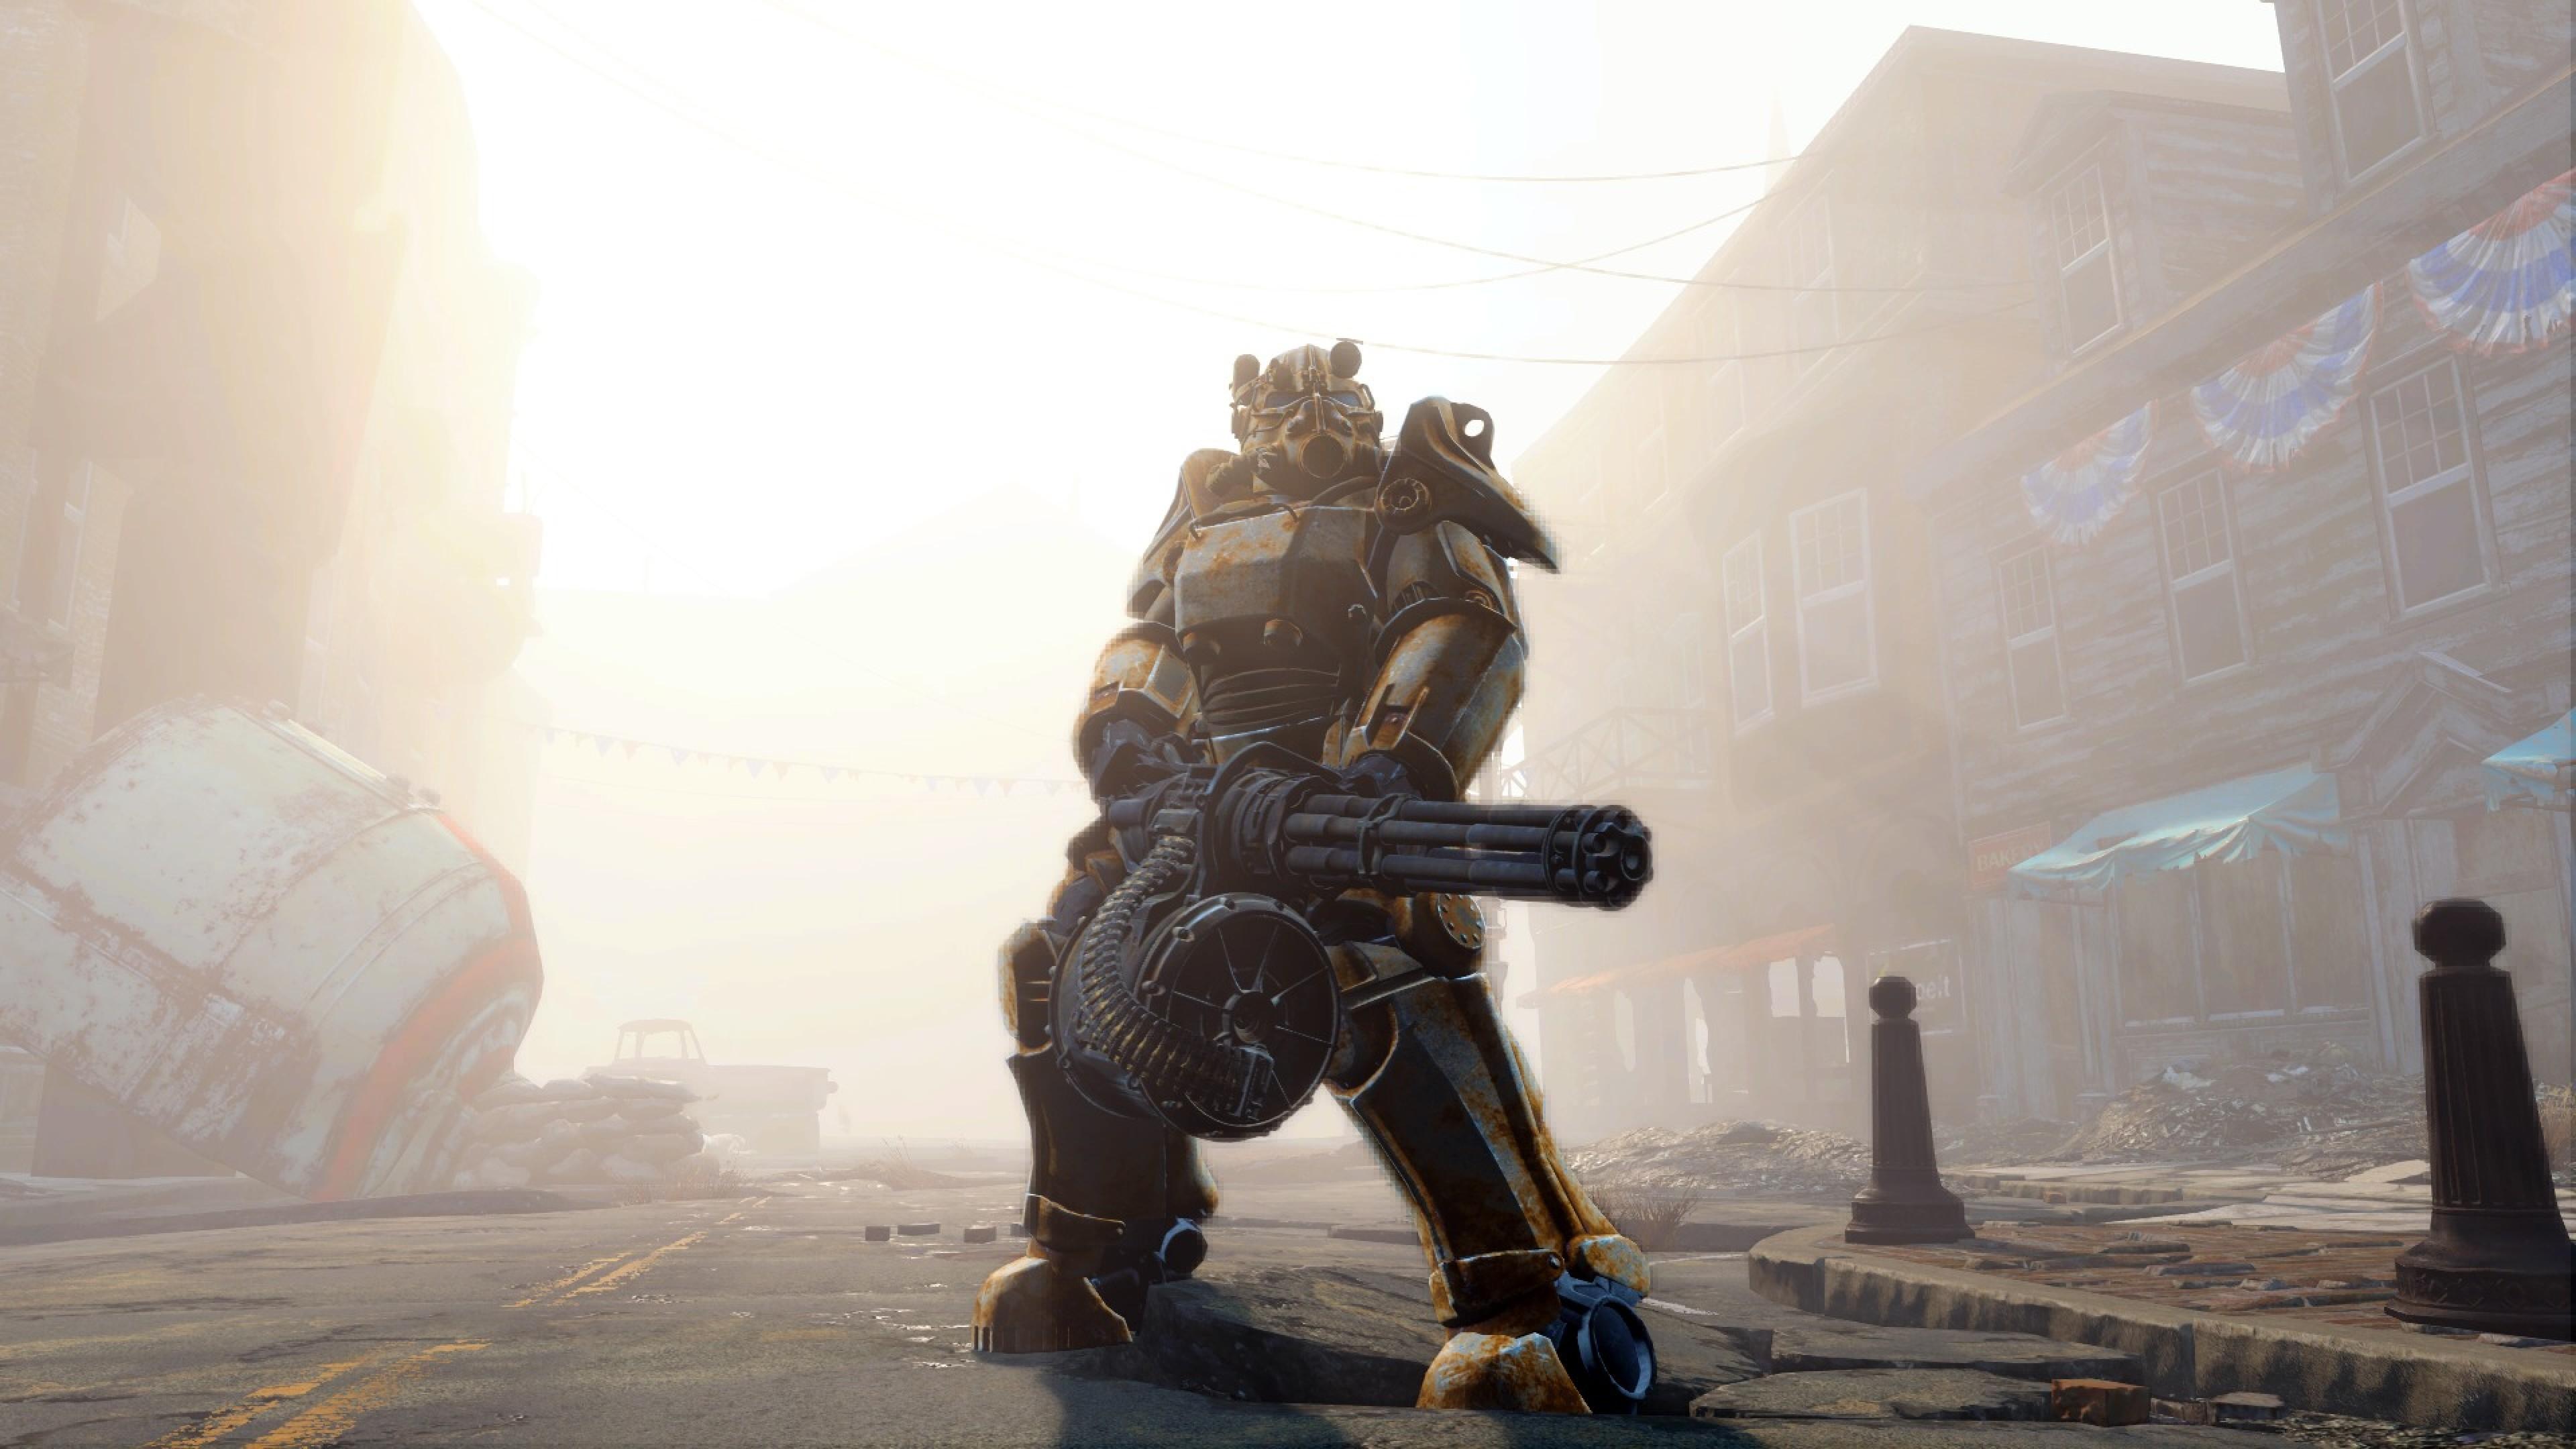 Wallpaper fallout 4, gun, armor